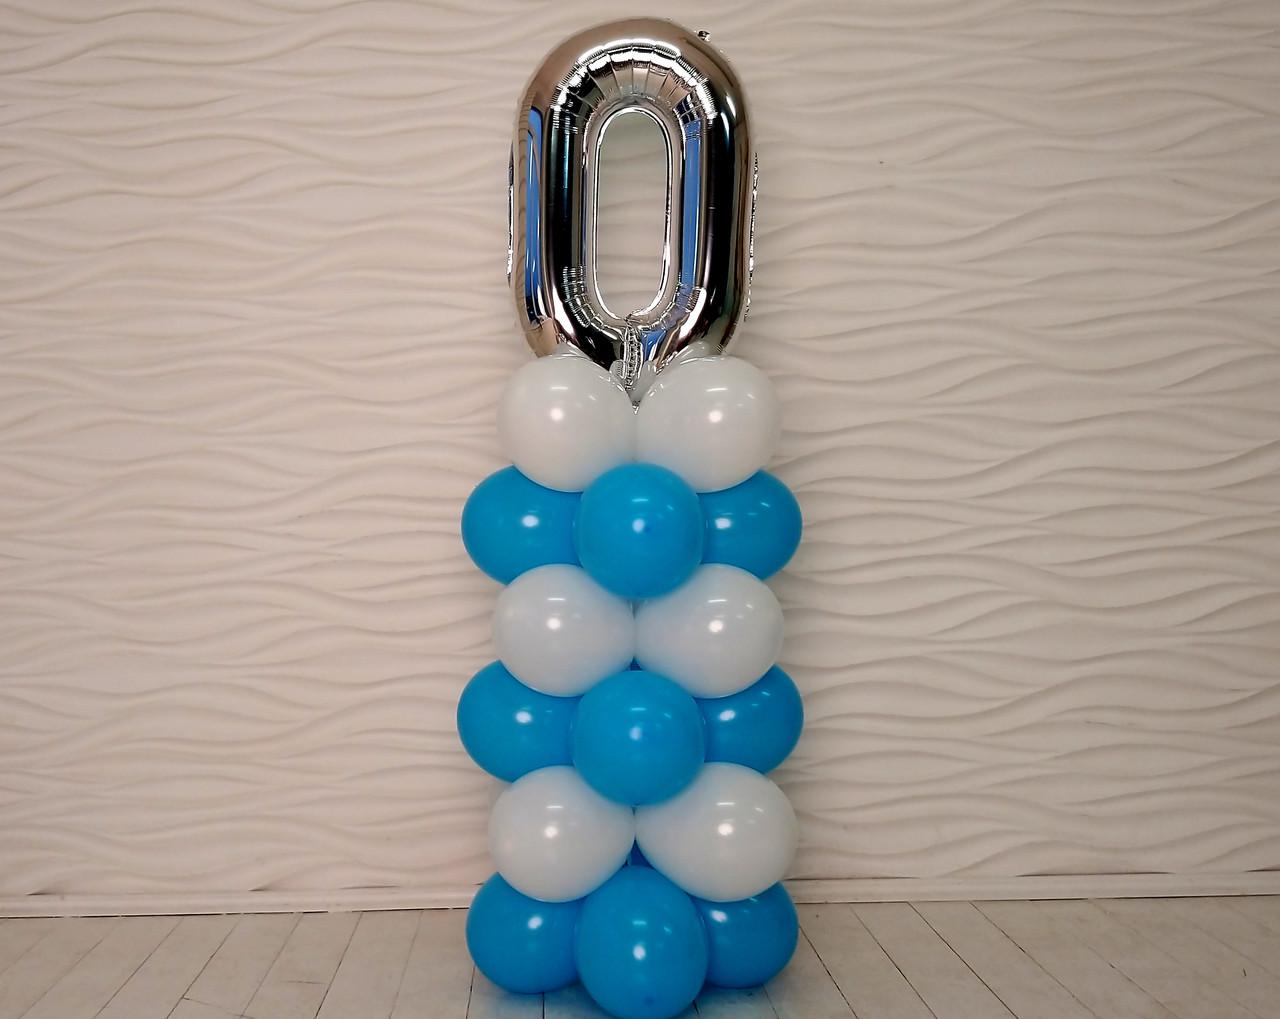 """Композиция с воздушных шариков """"Стойка с цифрой """"0"""" бело-голубая на день рождения мальчику"""